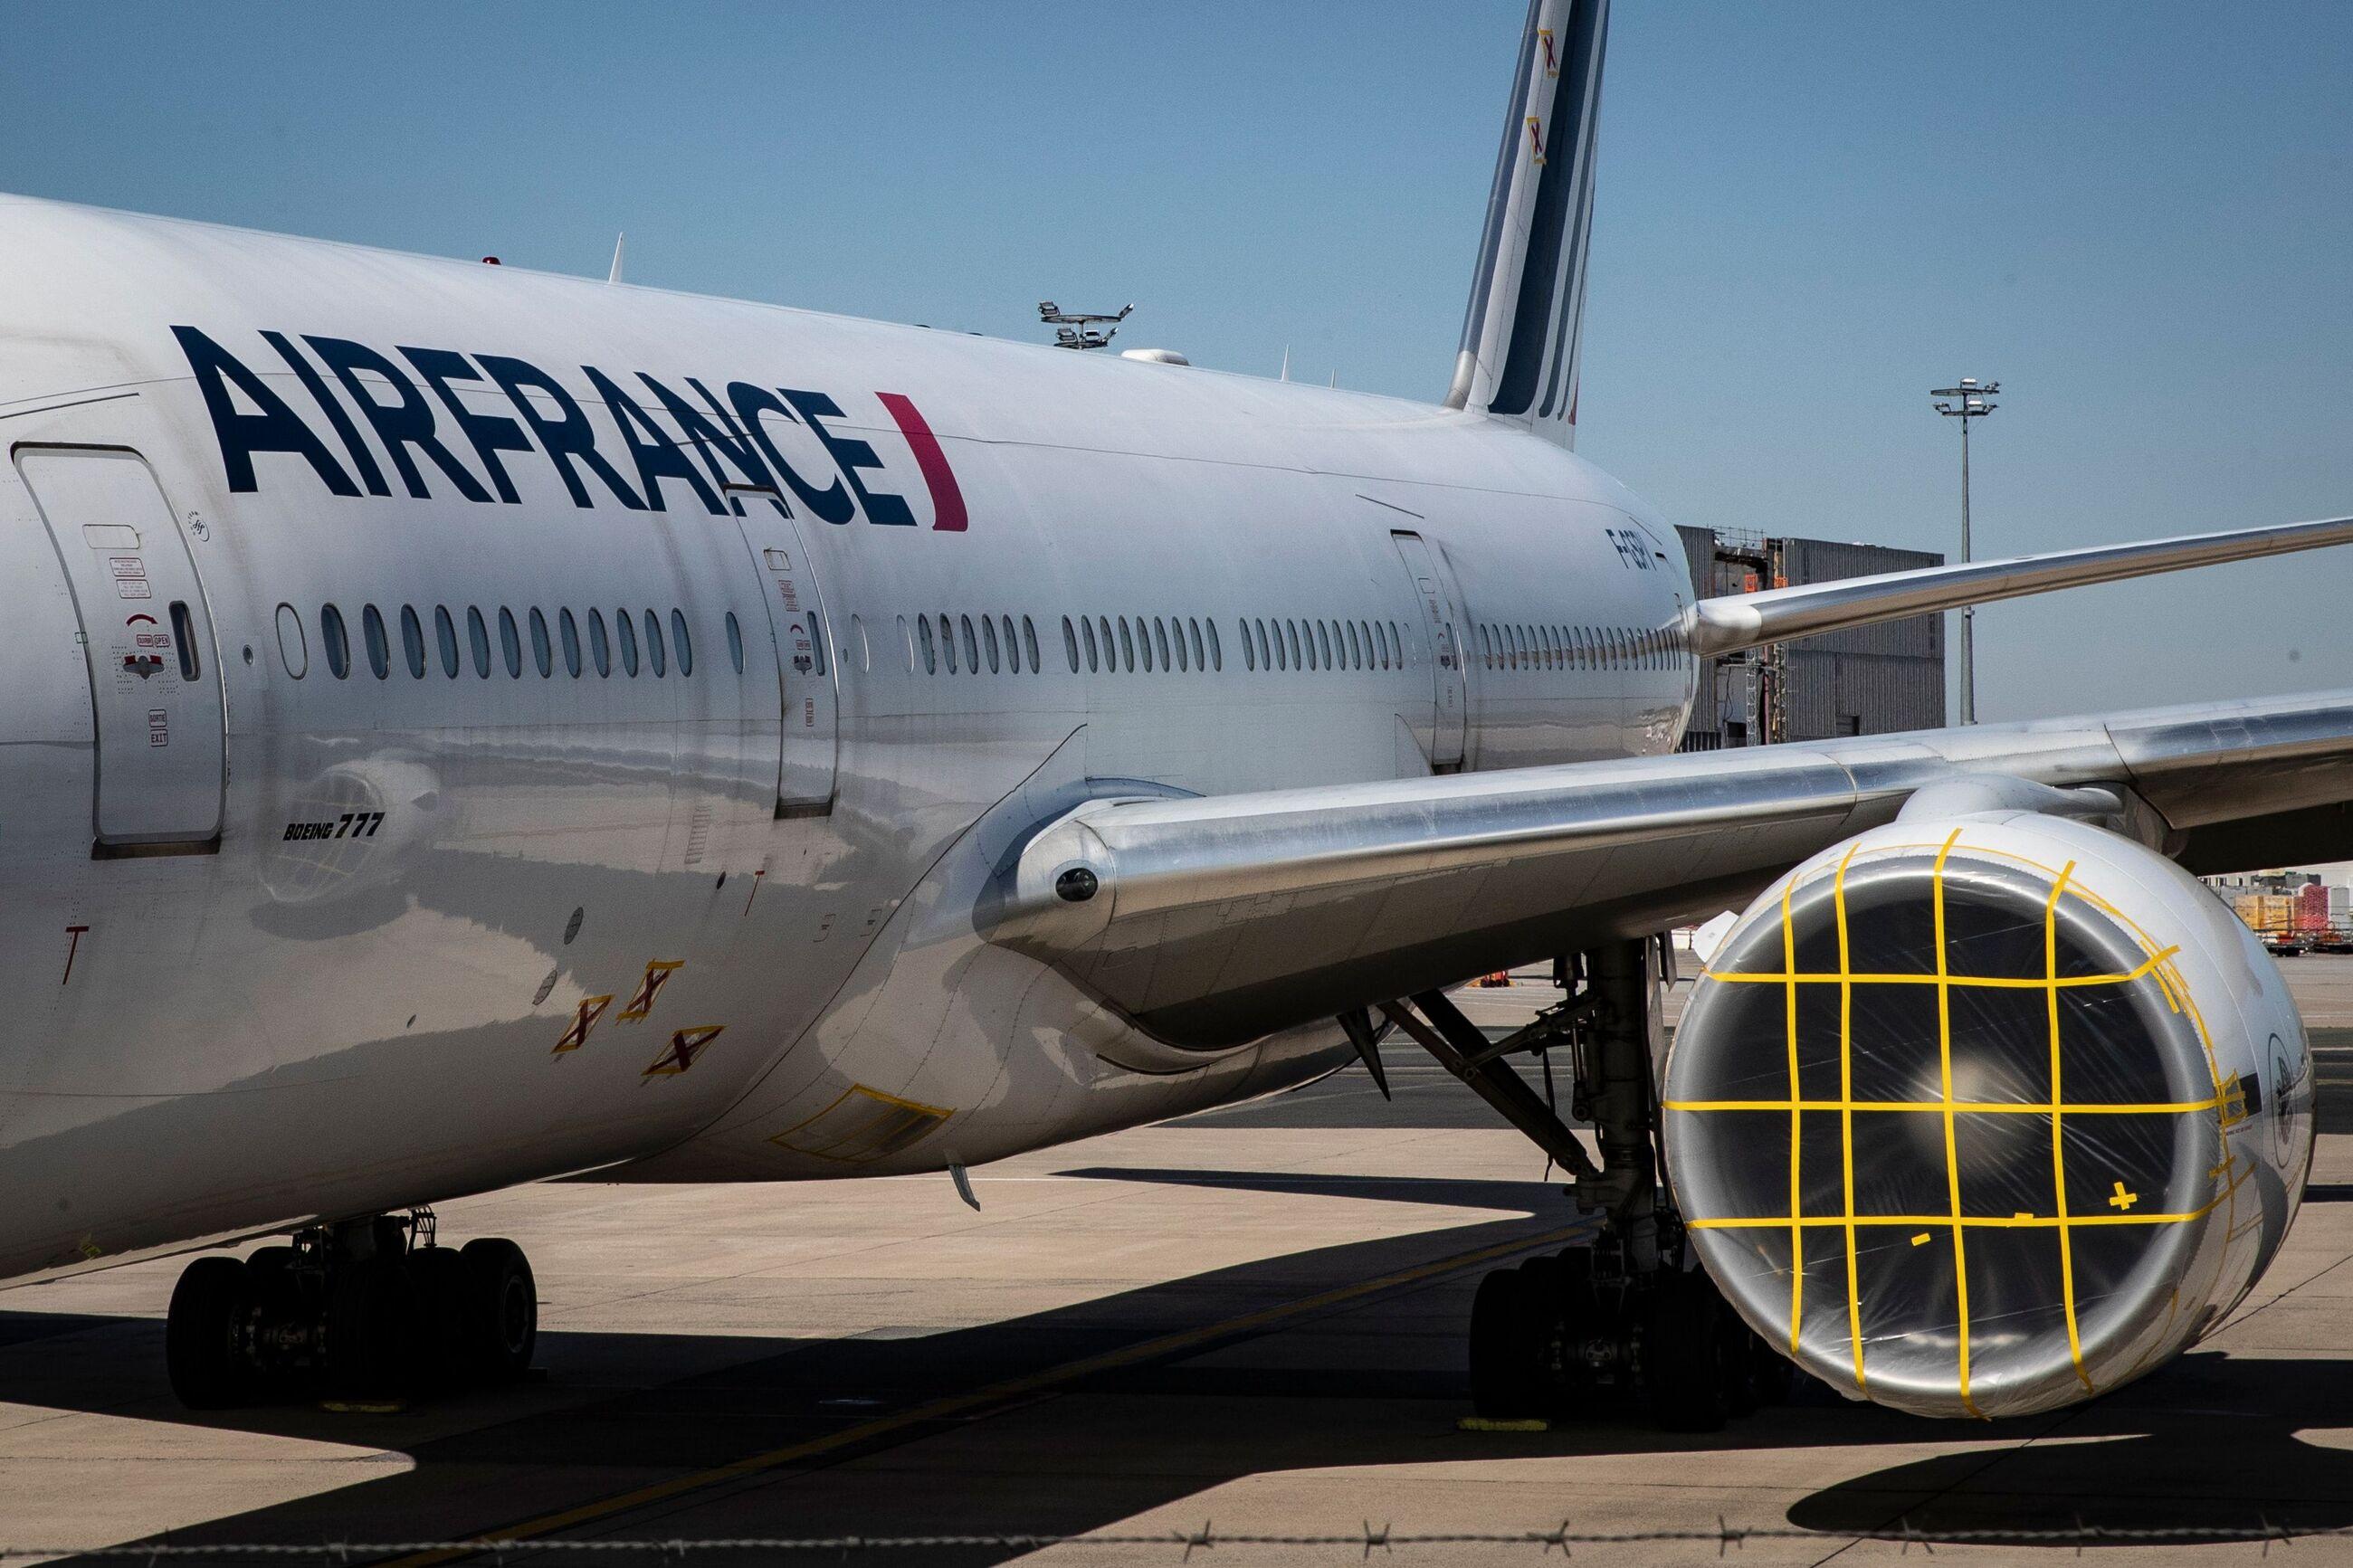 اقدام پلیس فرودگاه برای مصون ماندن هواپیمای جت از لانه کبوتر.